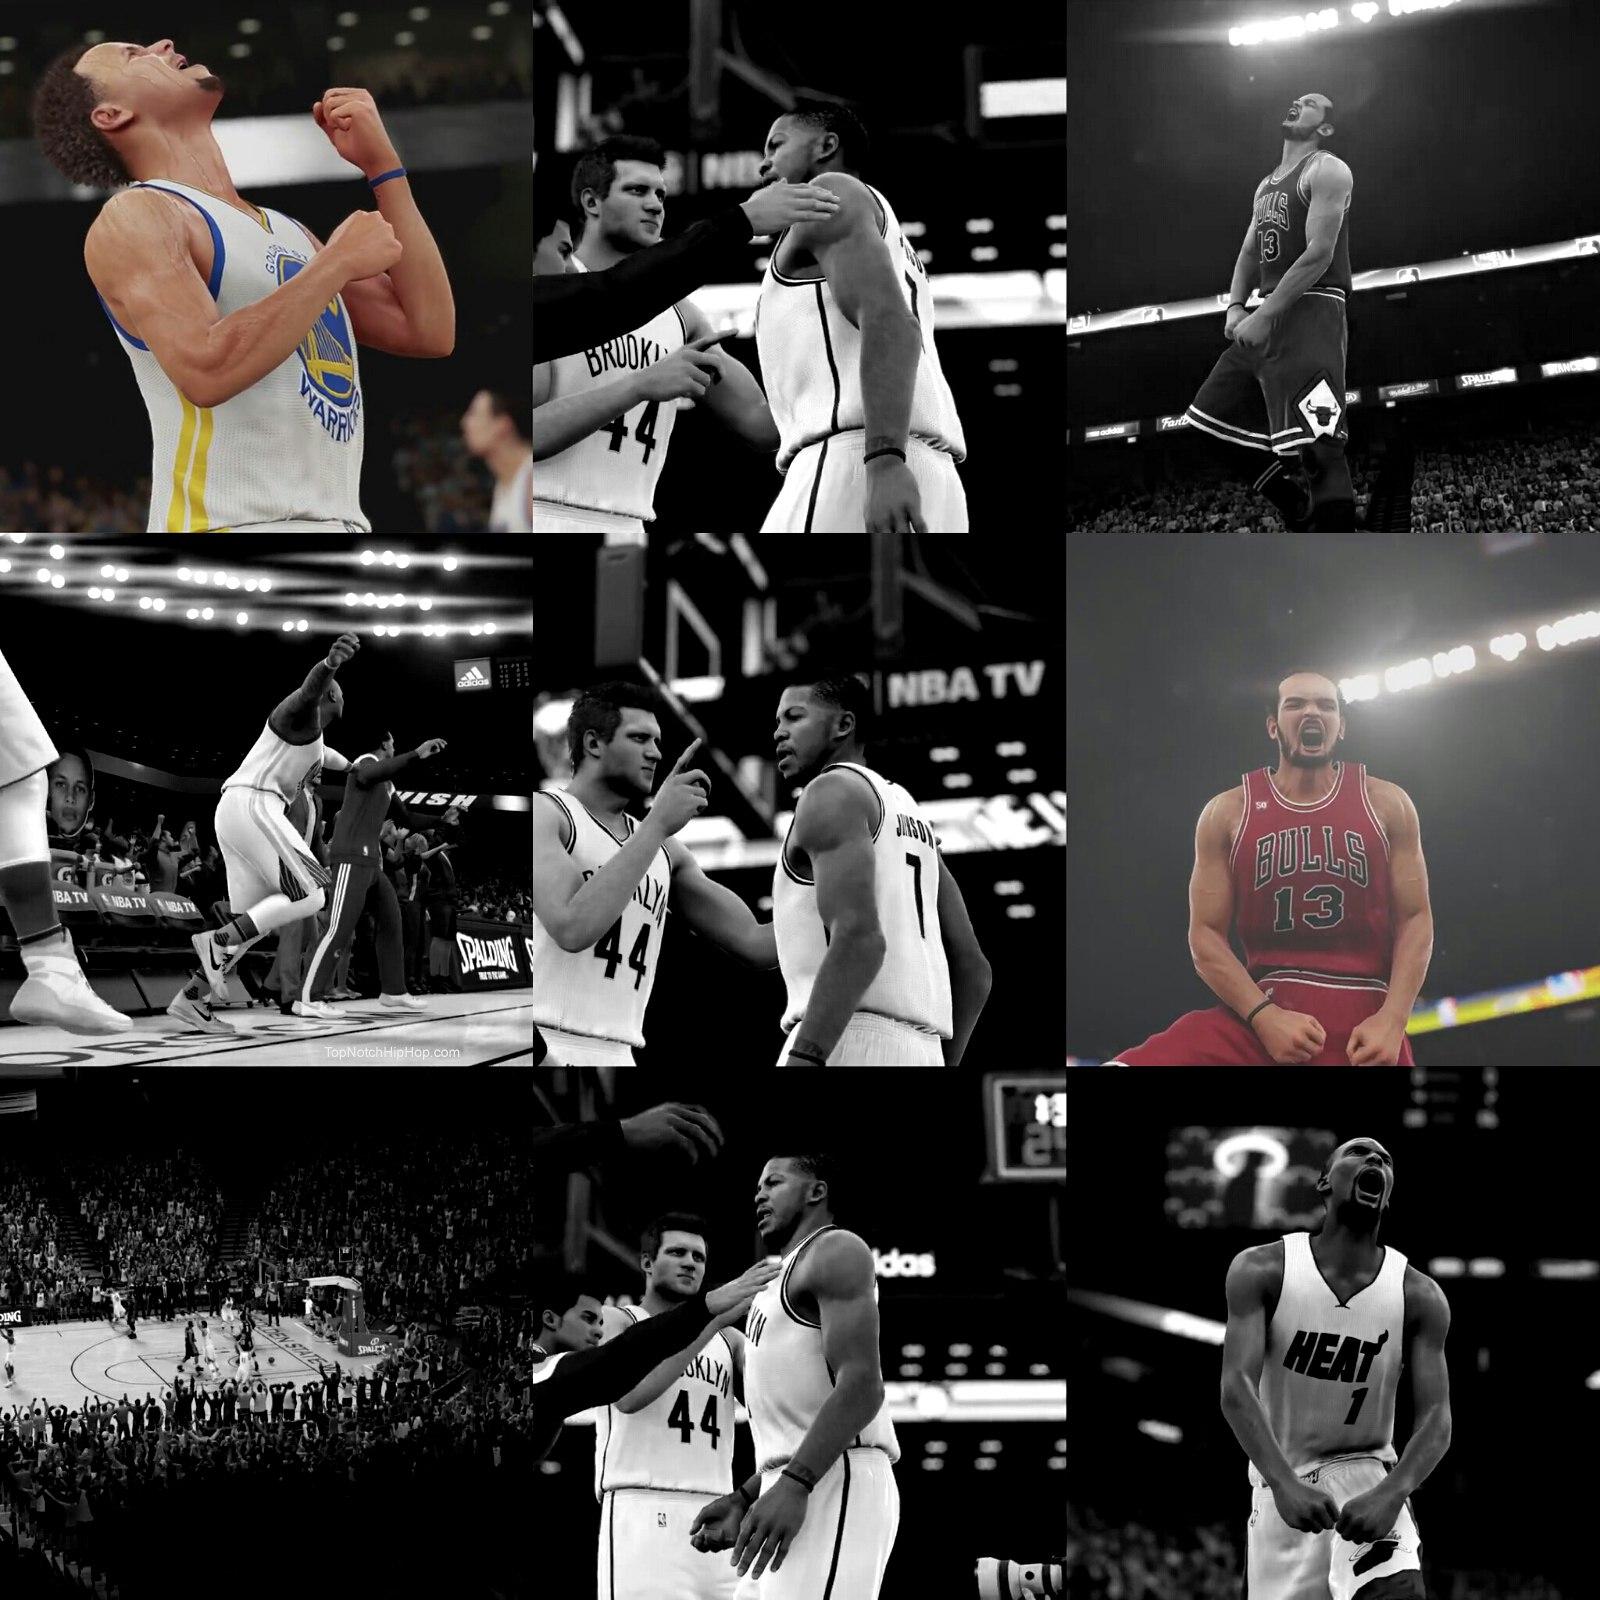 Лучшие кадры с игра НБА2К16  2015 года